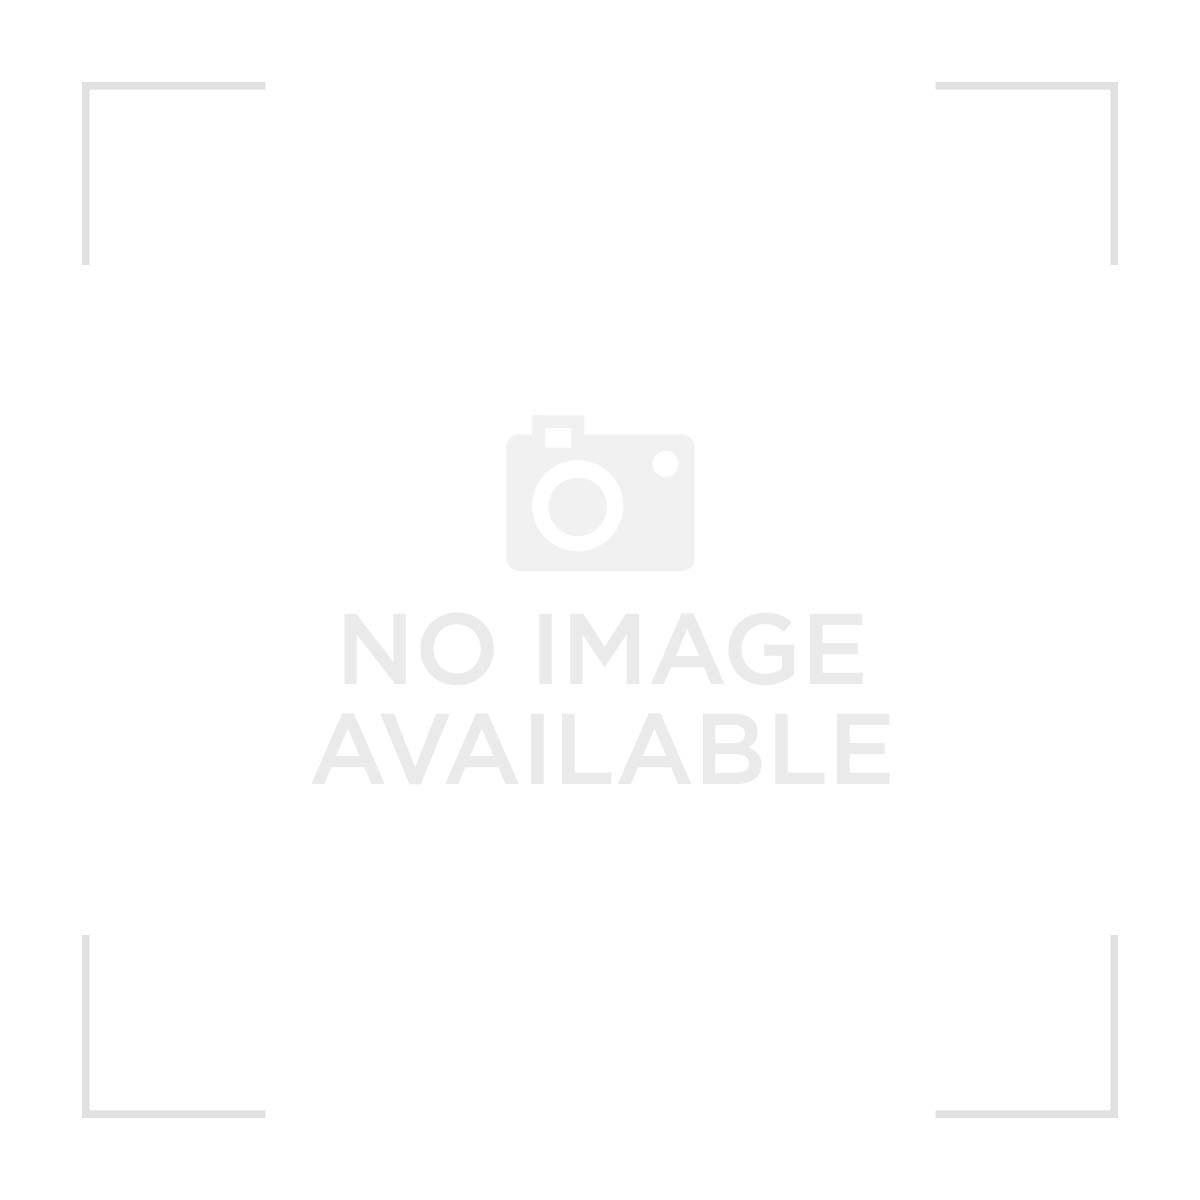 Blue Cattle Truck Company Mexican Vanilla 8.4 OZ